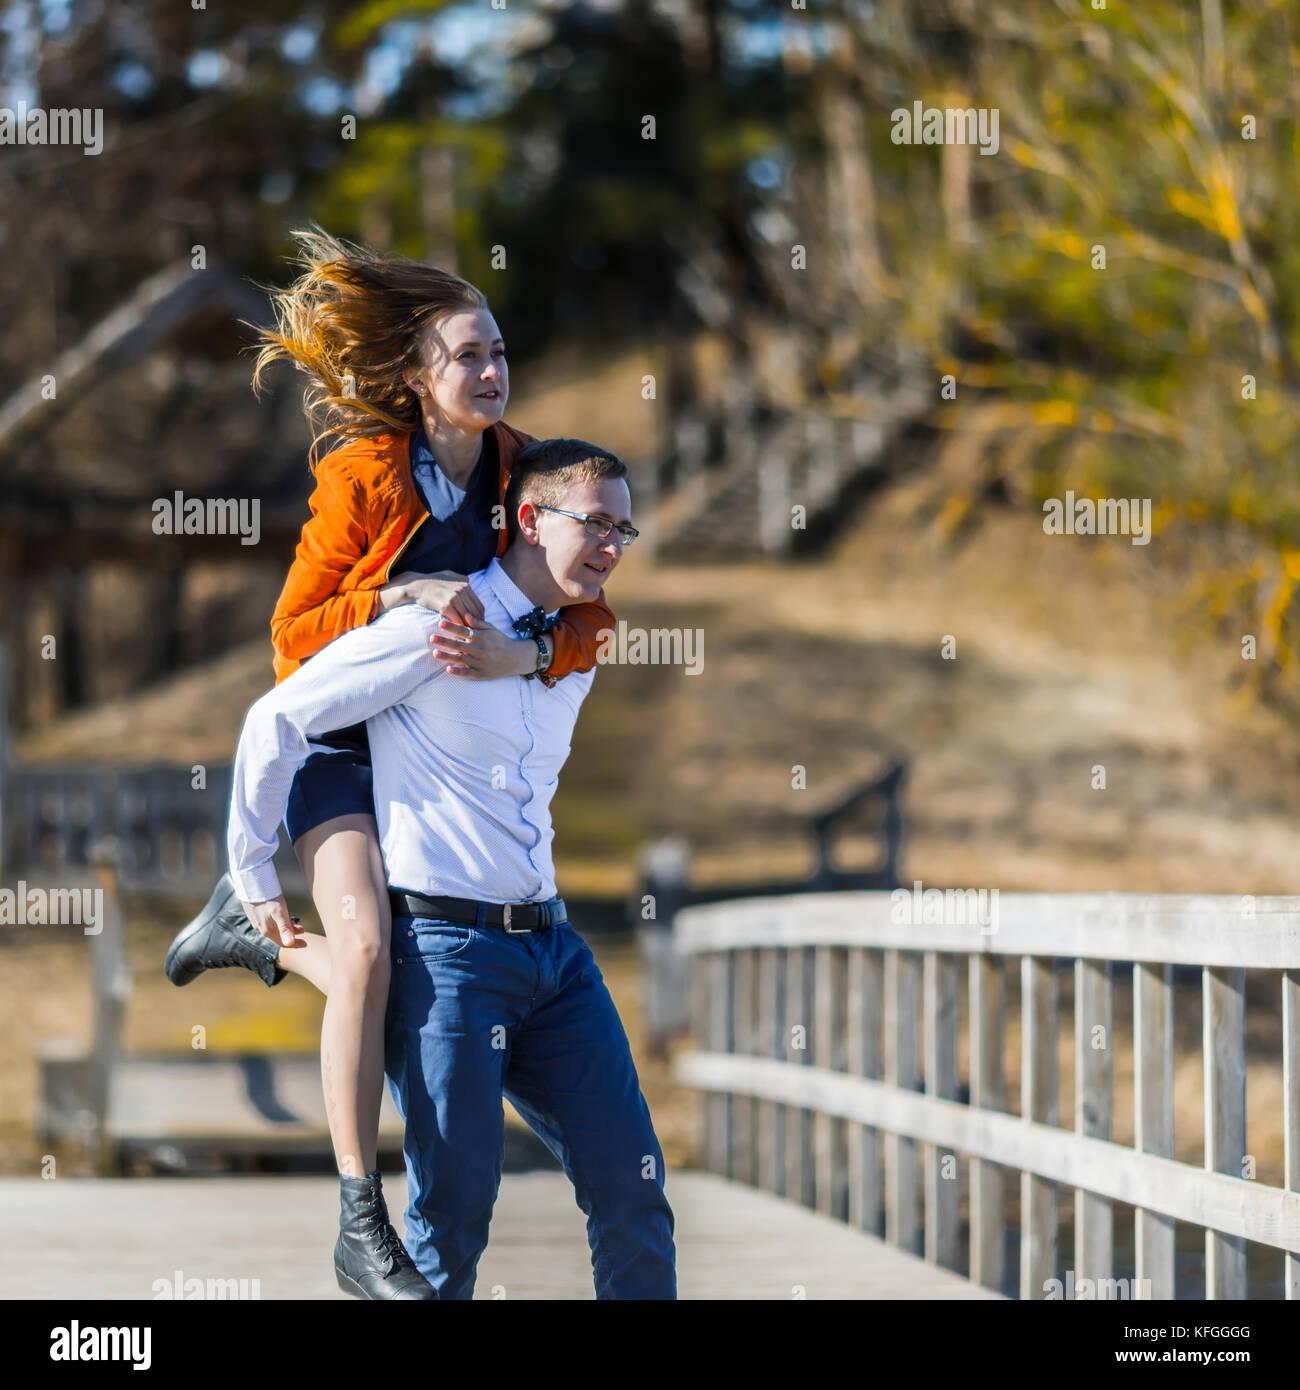 Glücklicher Mann seine Freundin, die auf der Rückseite auf der Brücke über den Fluss. Stockbild